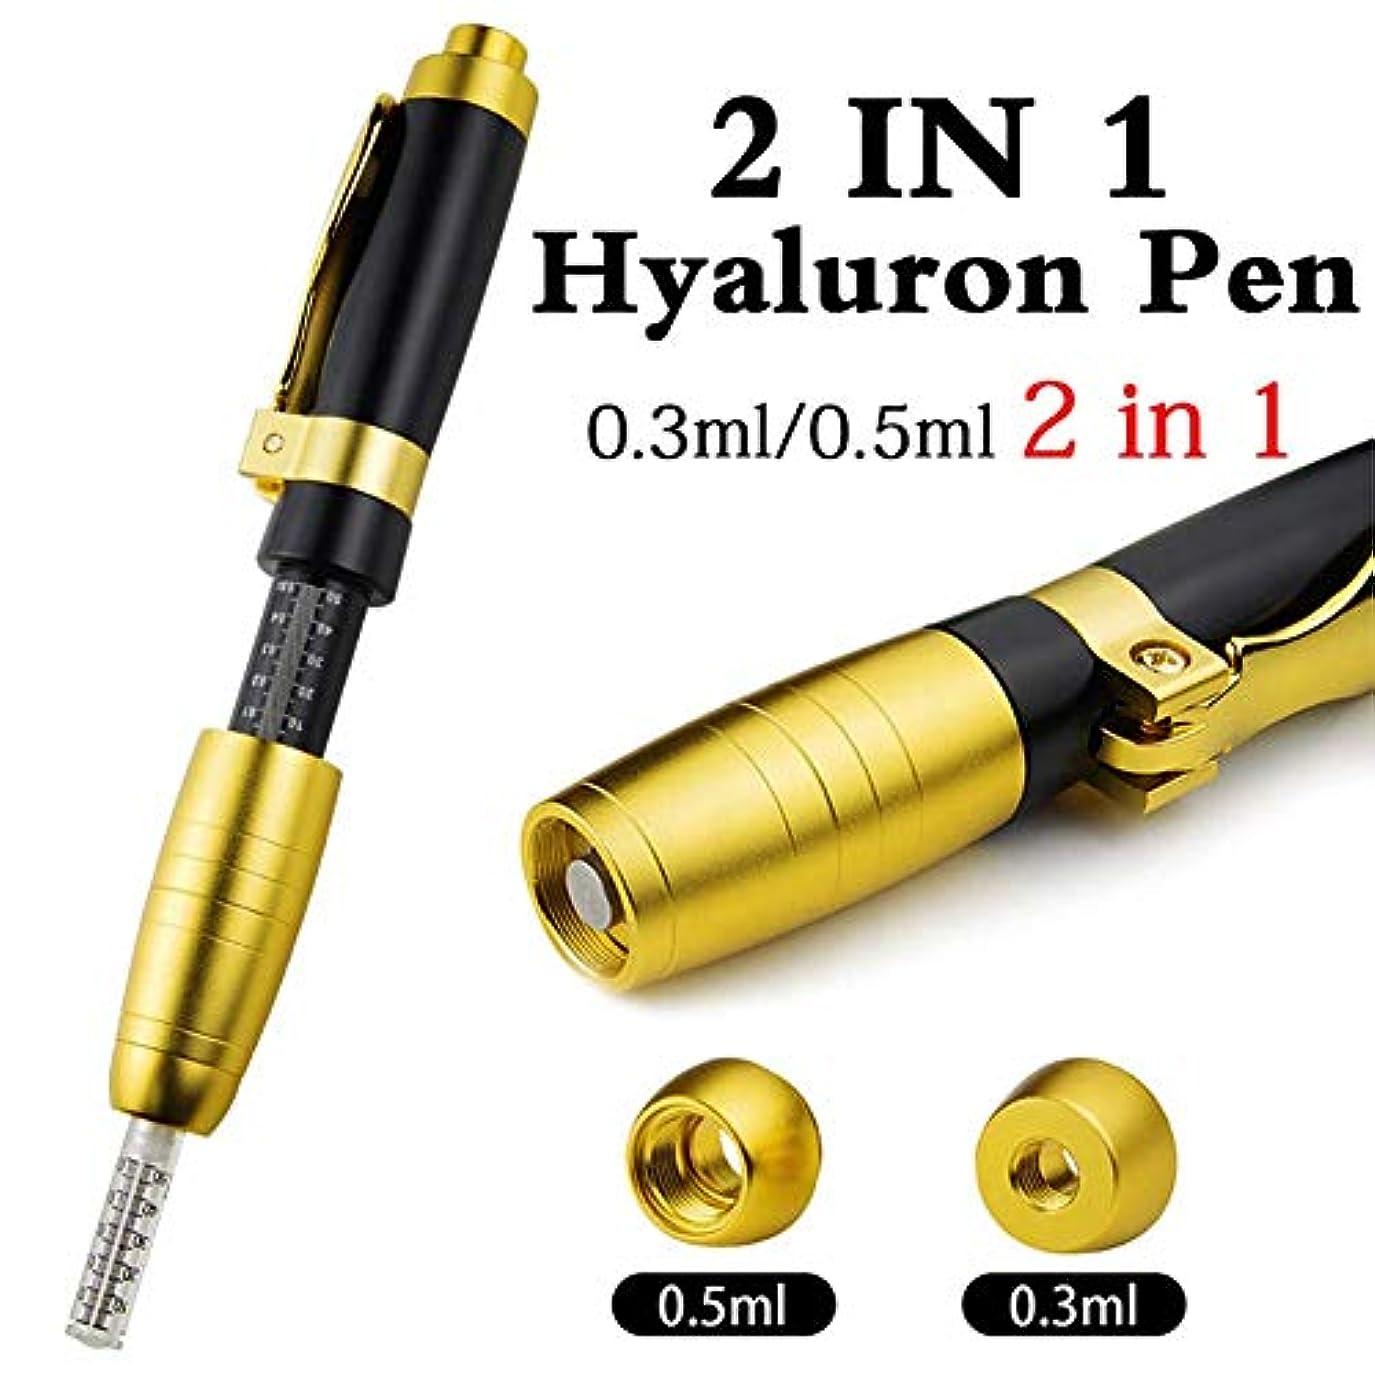 戦う独立邪魔2 in 1 2ヘッドヒアルロンペン0.3ml&0.5mlヒアルロン注射ペンヒアルロン酸注射器リップフィラー針無料注射ペン